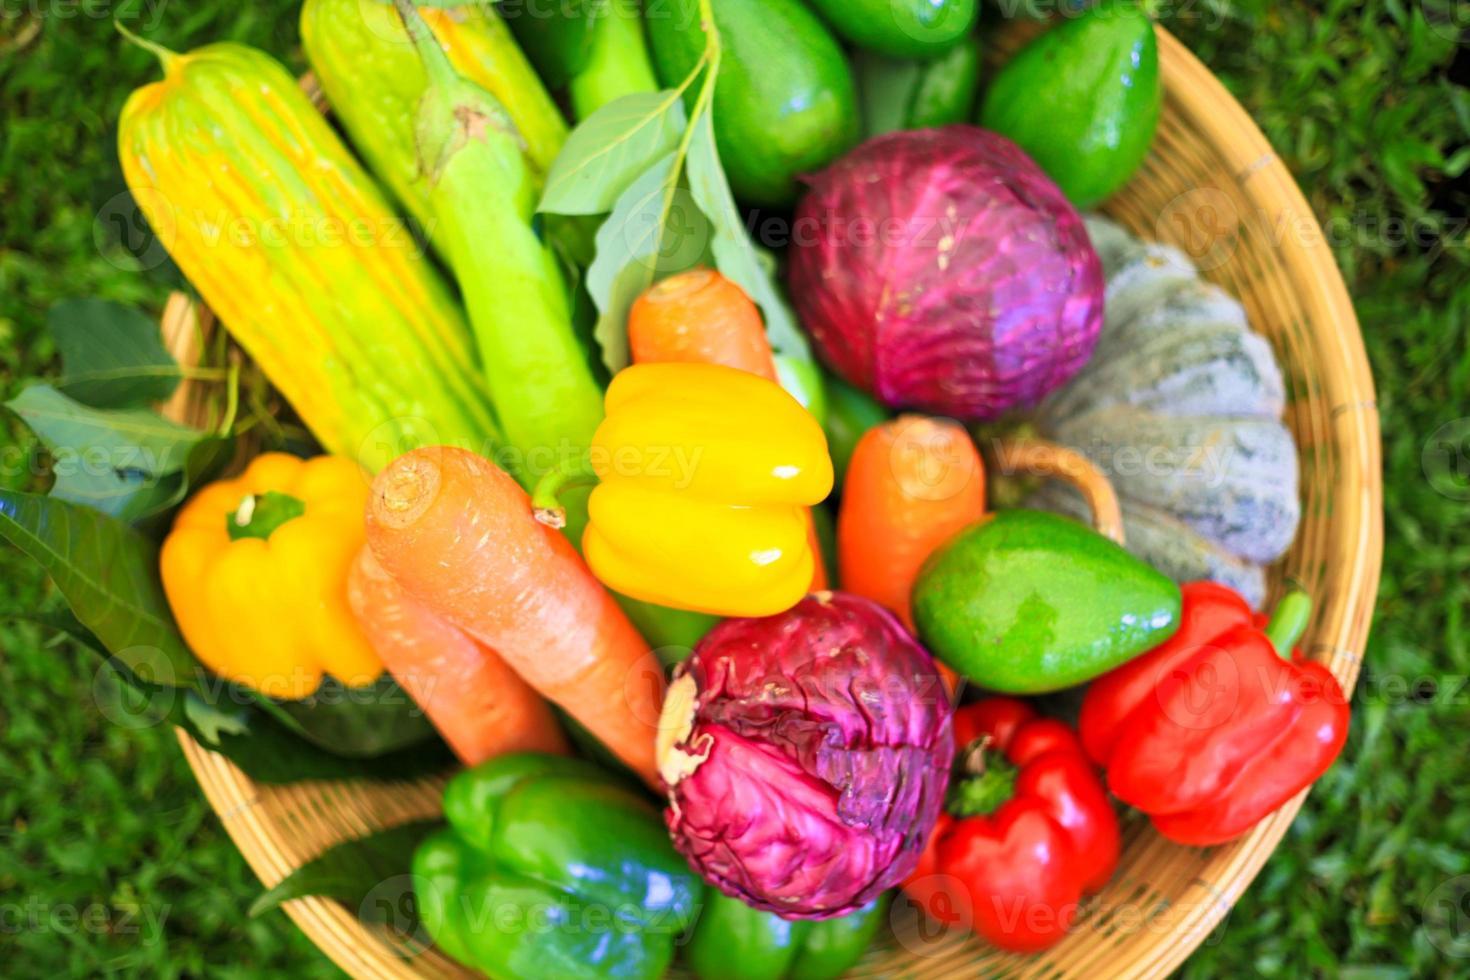 Obst und Gemüse, natürliches Stillleben für gesunde Ernährung foto